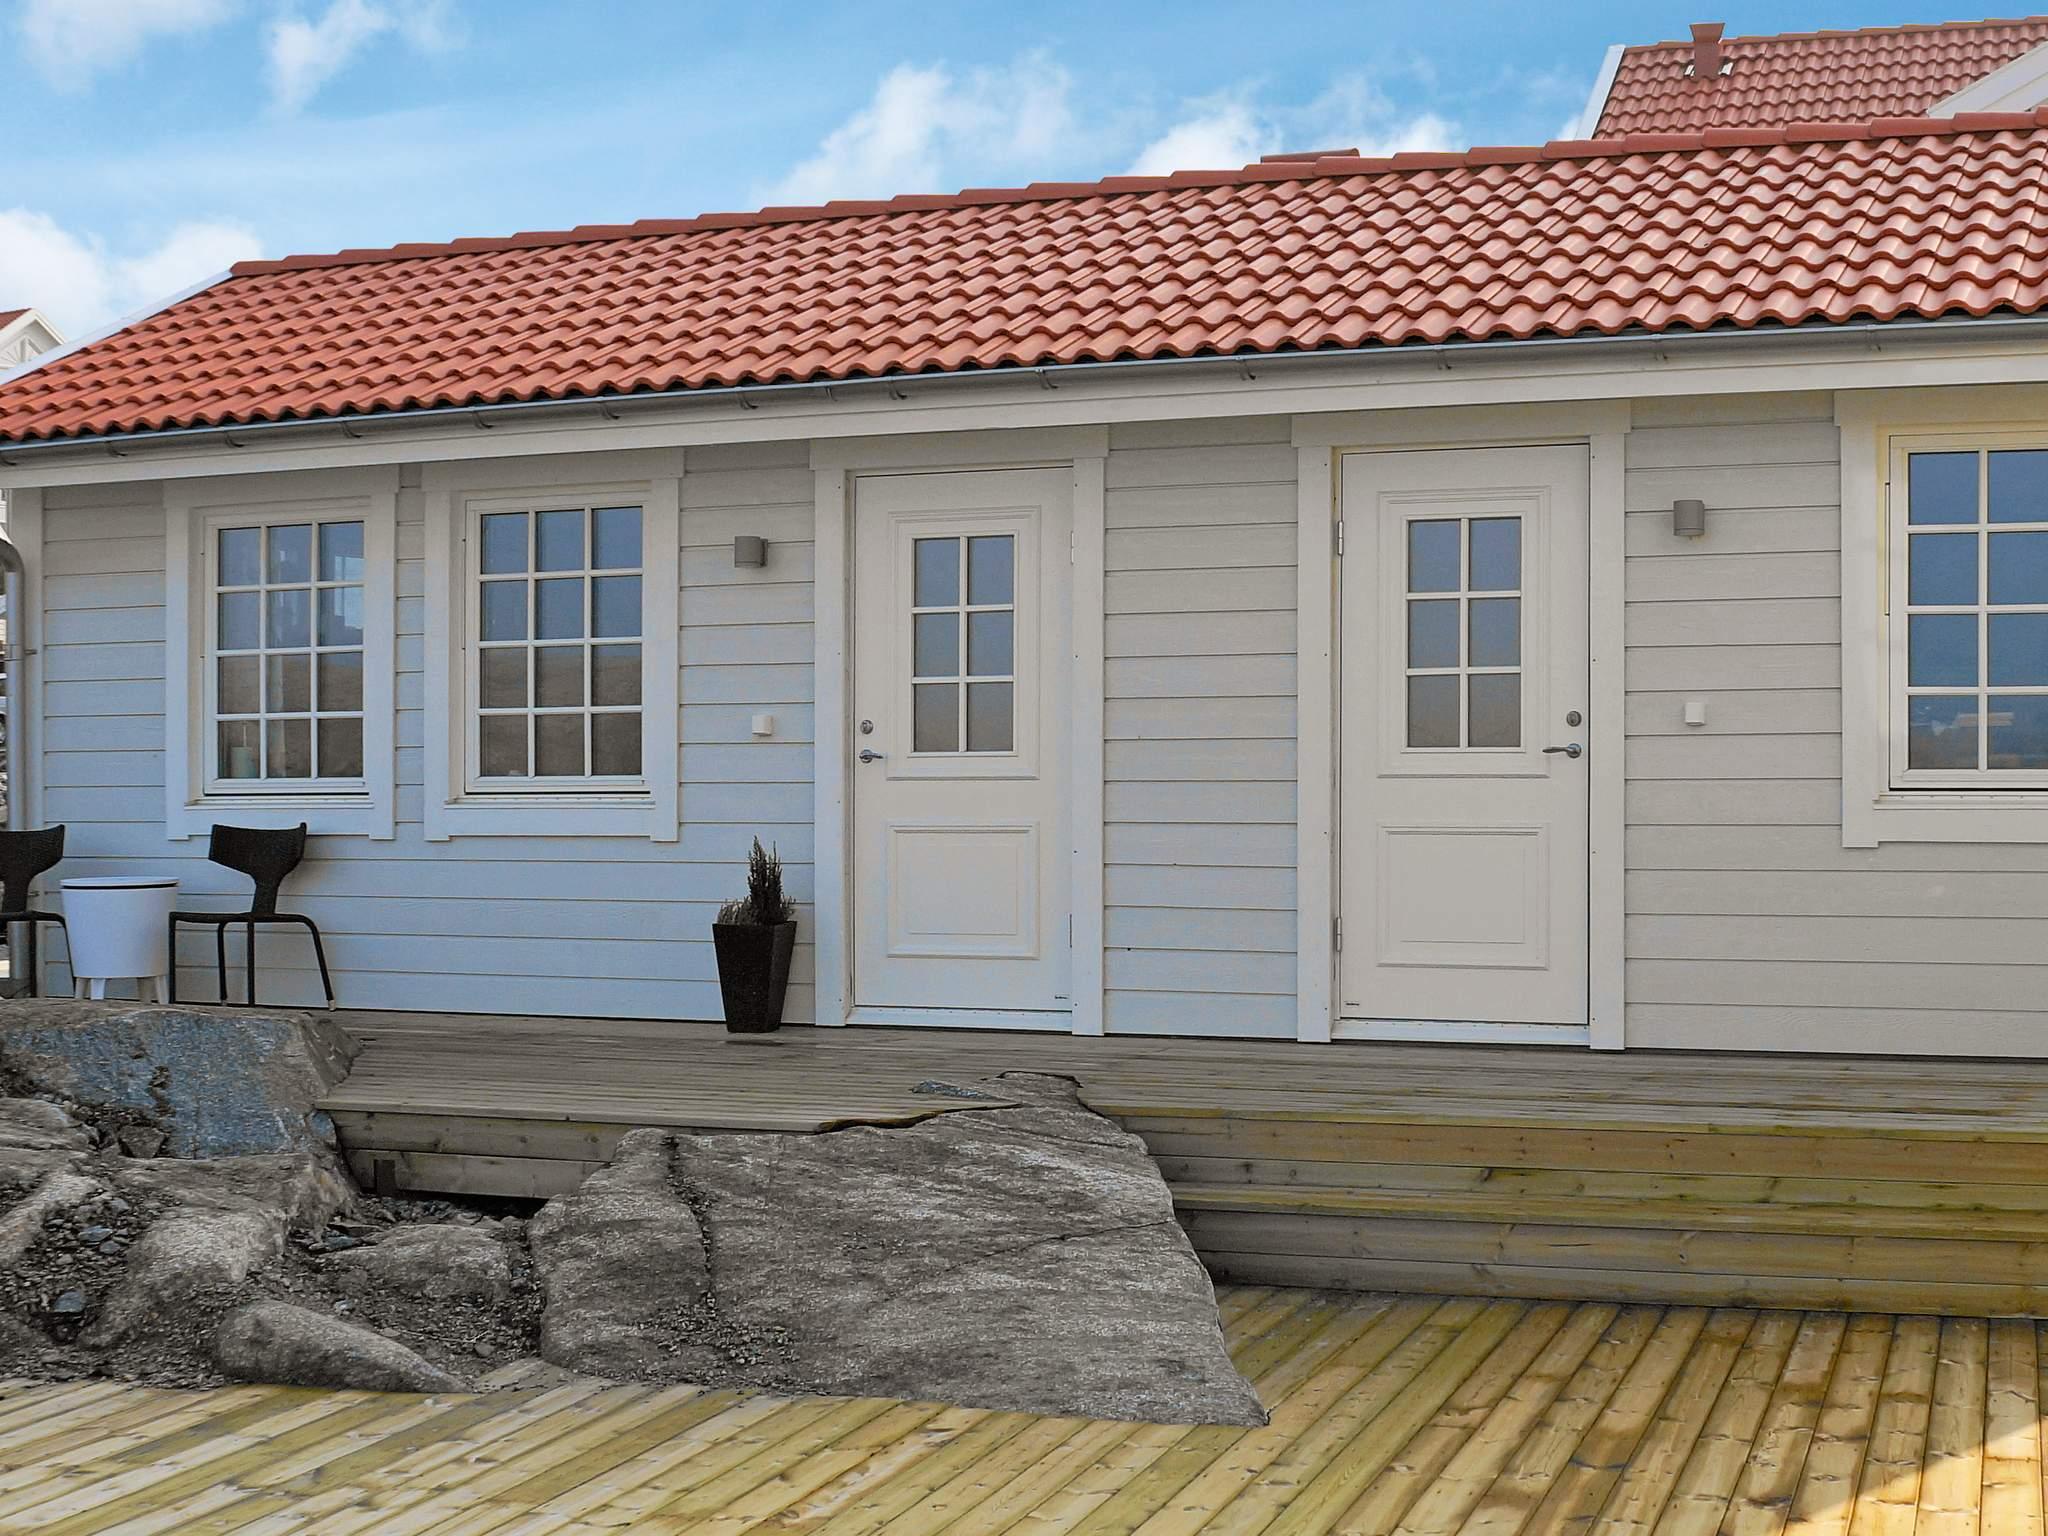 Ferienhaus Tjörn/Rönnäng (959982), Rönnäng, Tjörn, Westschweden, Schweden, Bild 16